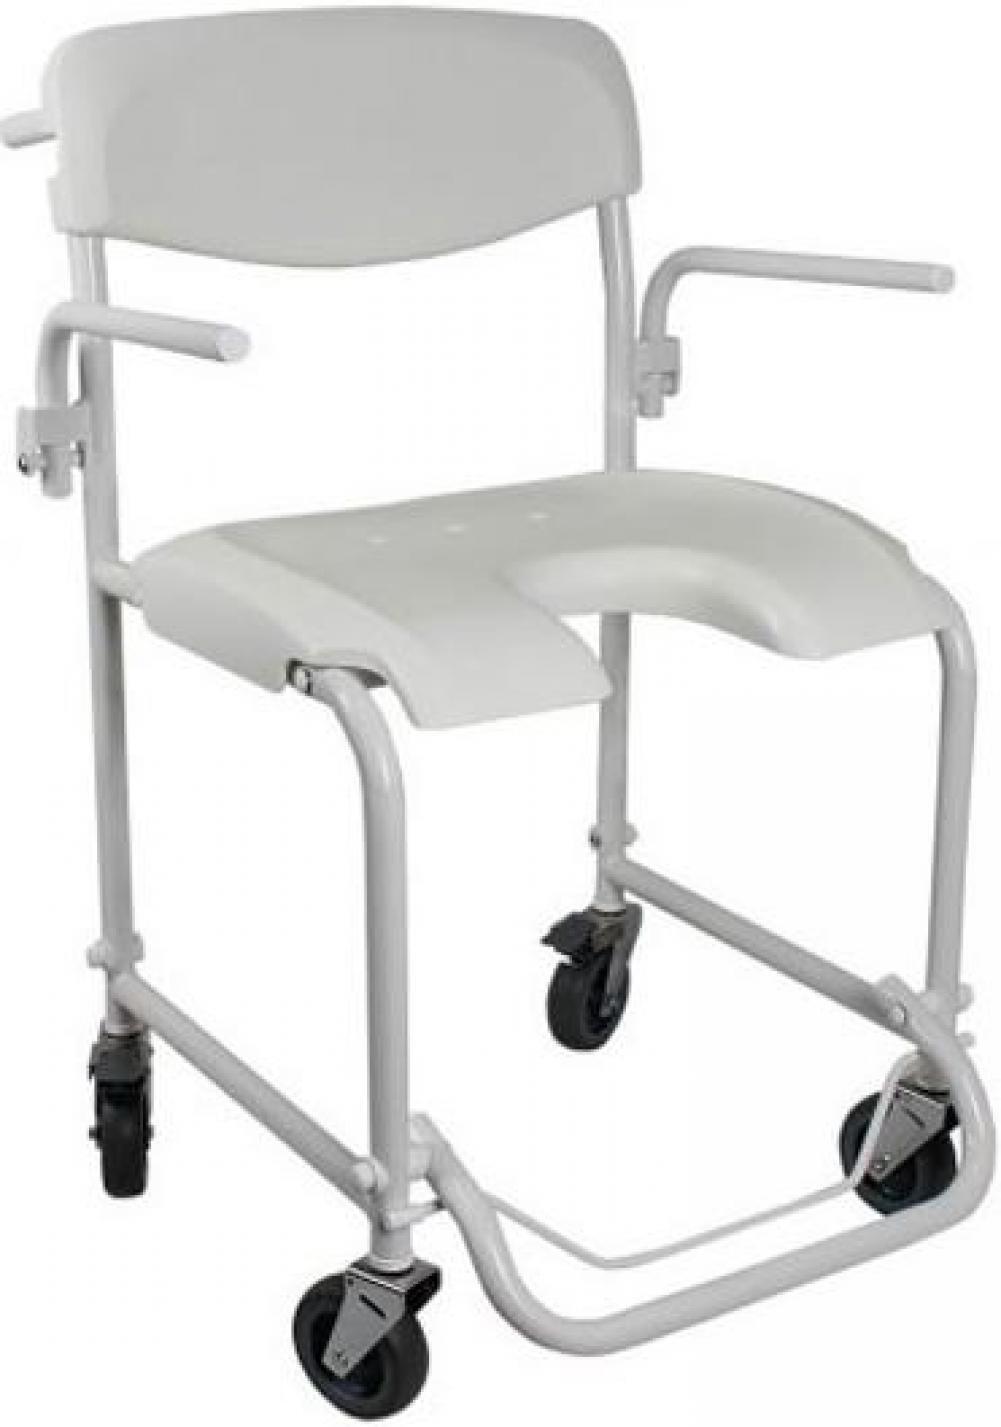 s l1600 - Silla de baño con ruedas Invacare QA-00315/01